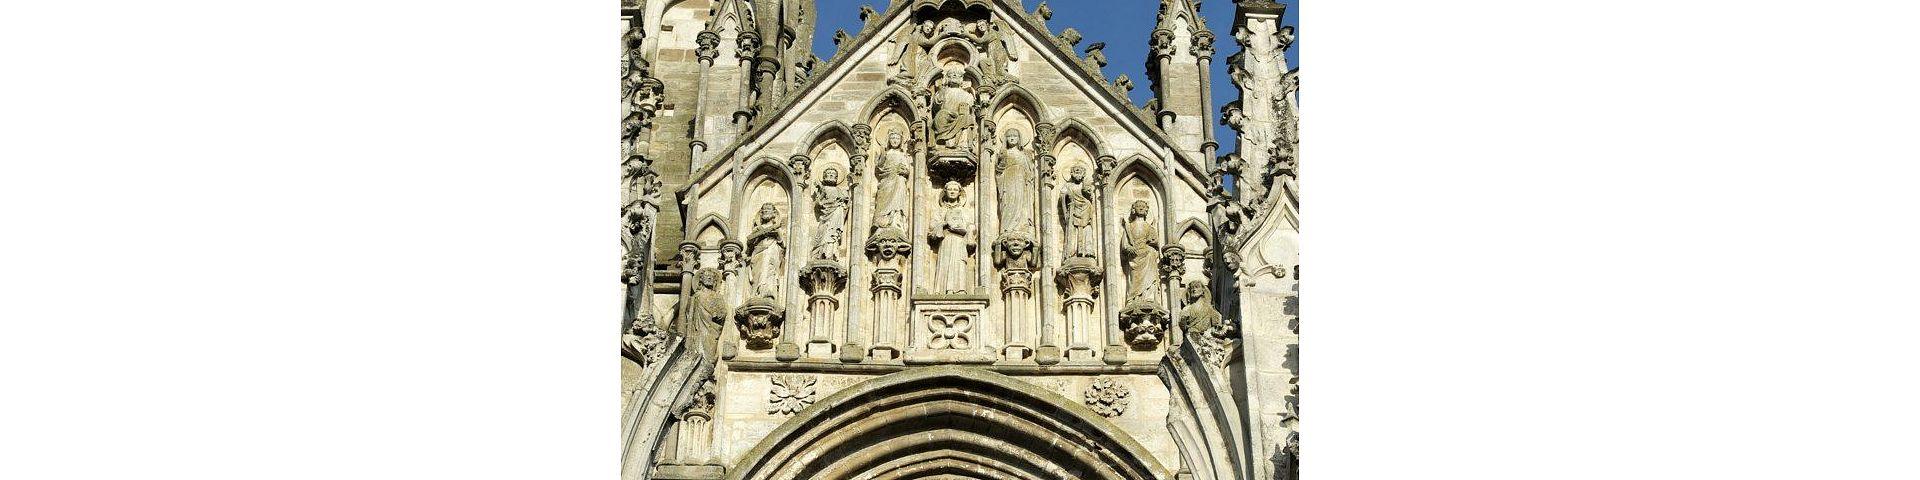 St-Père-sous-Vézelay - Eglise (89)